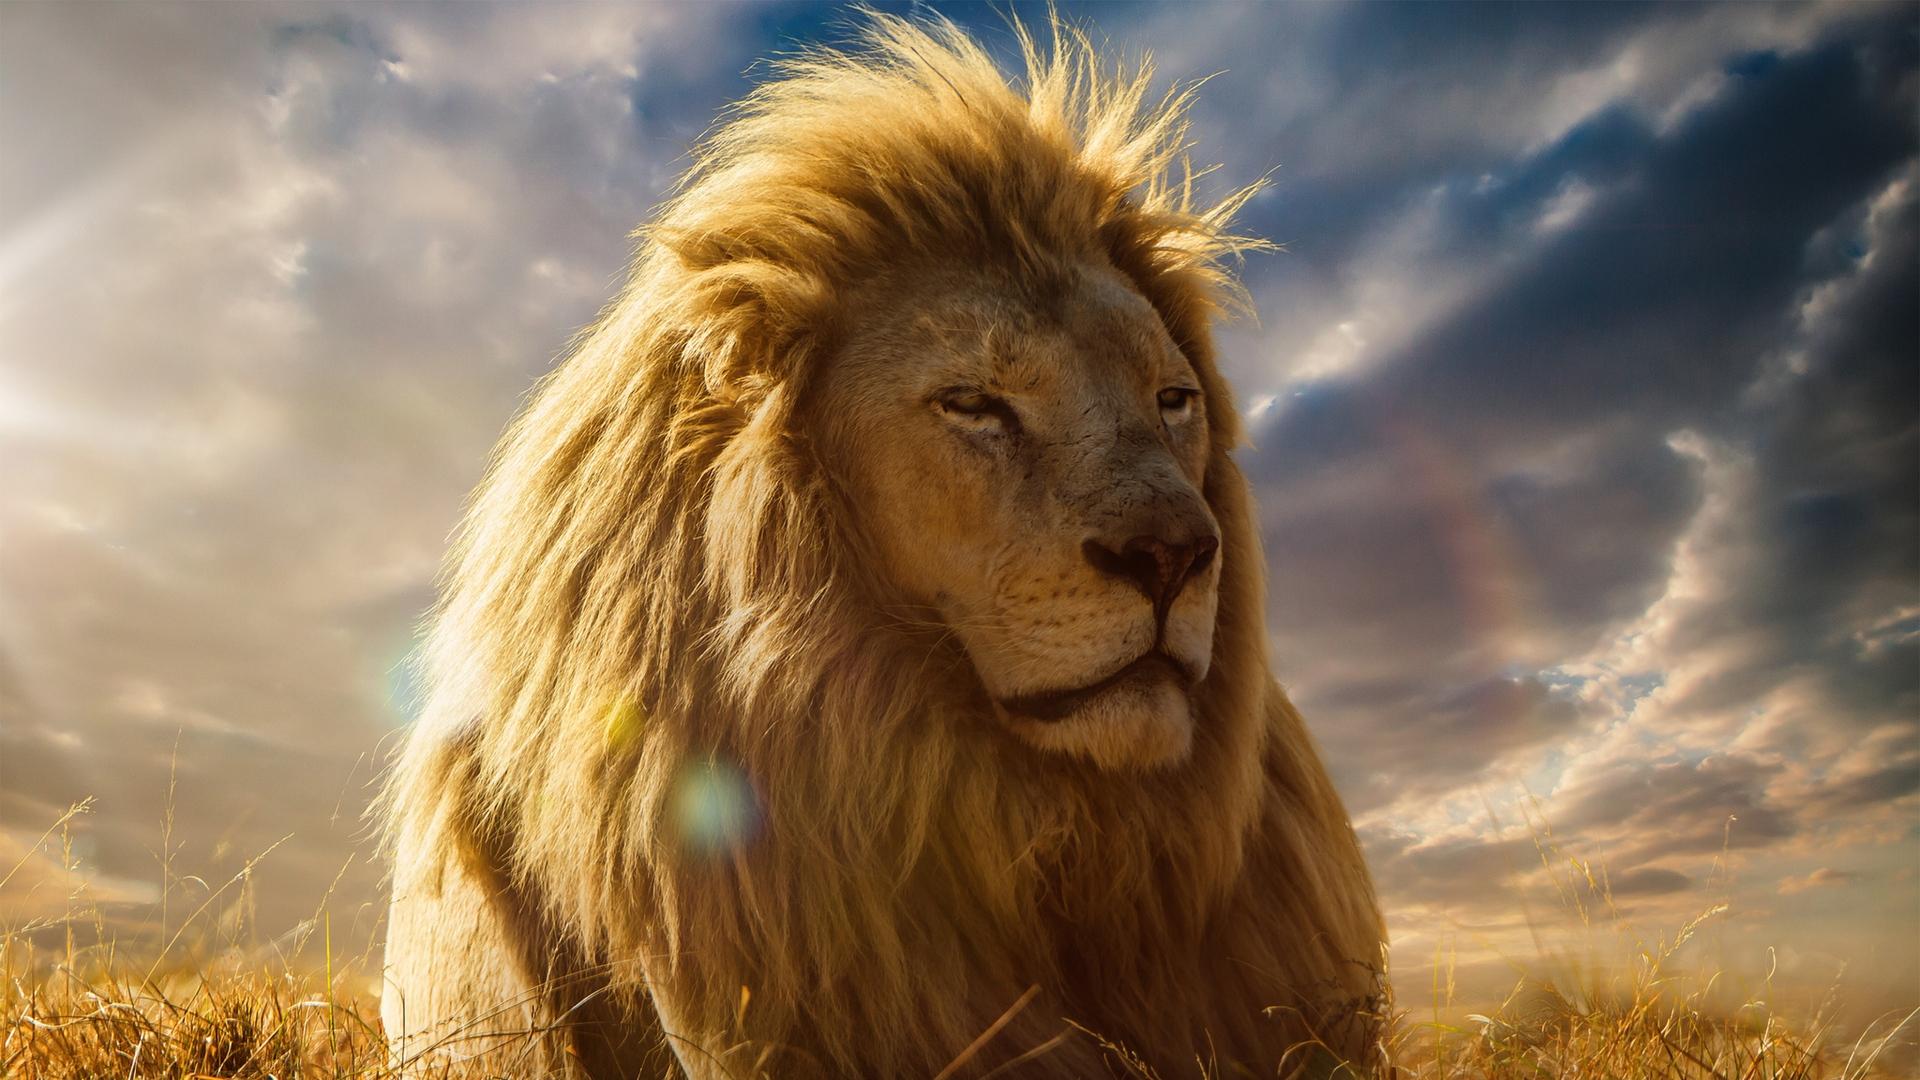 lion images hd 1080p | matatarantula